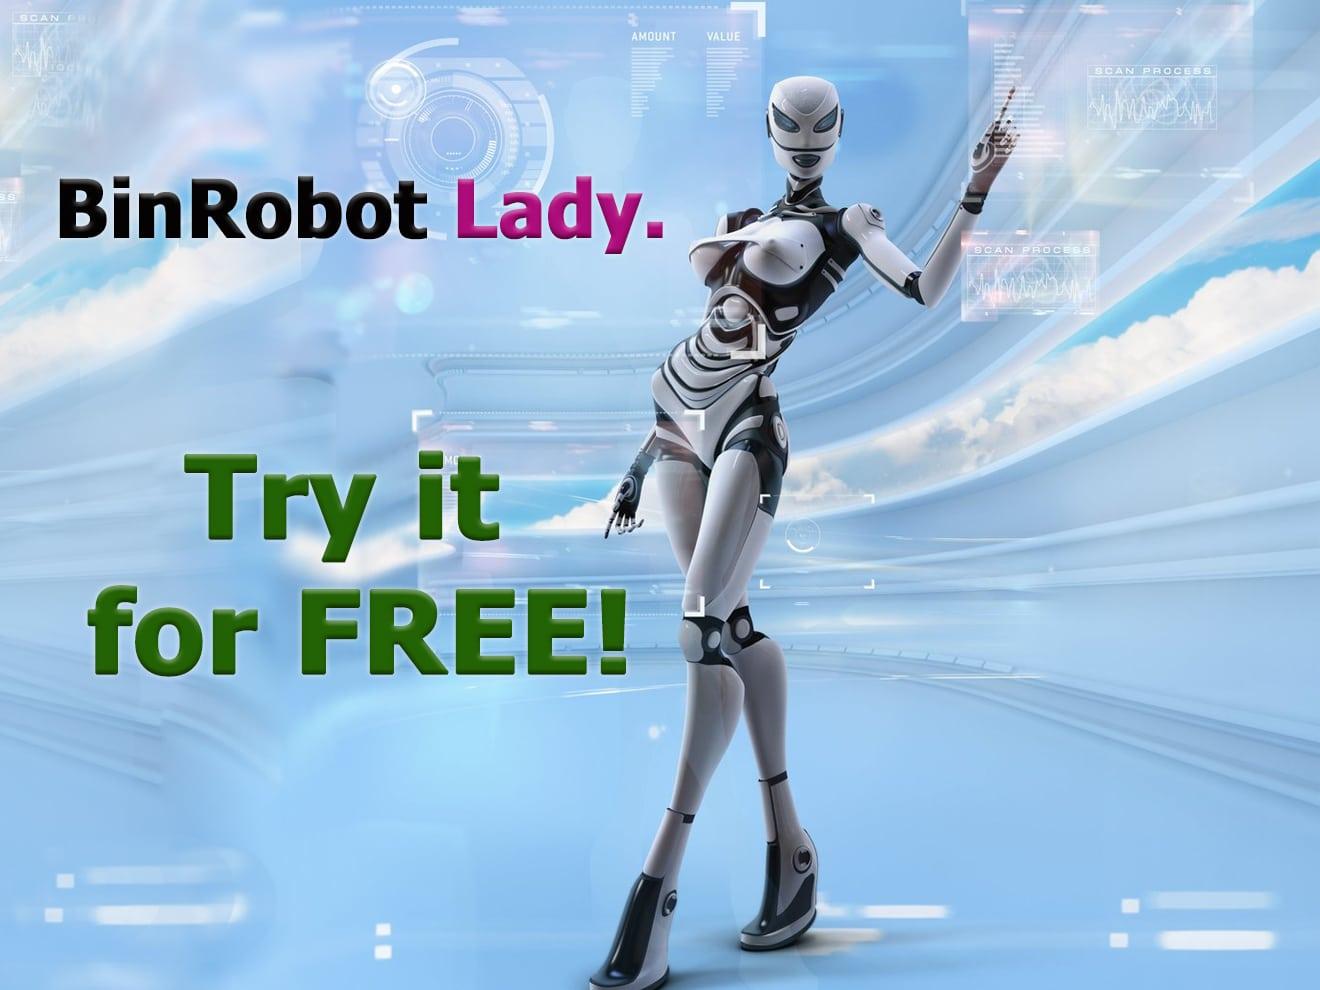 BinRobot Lady